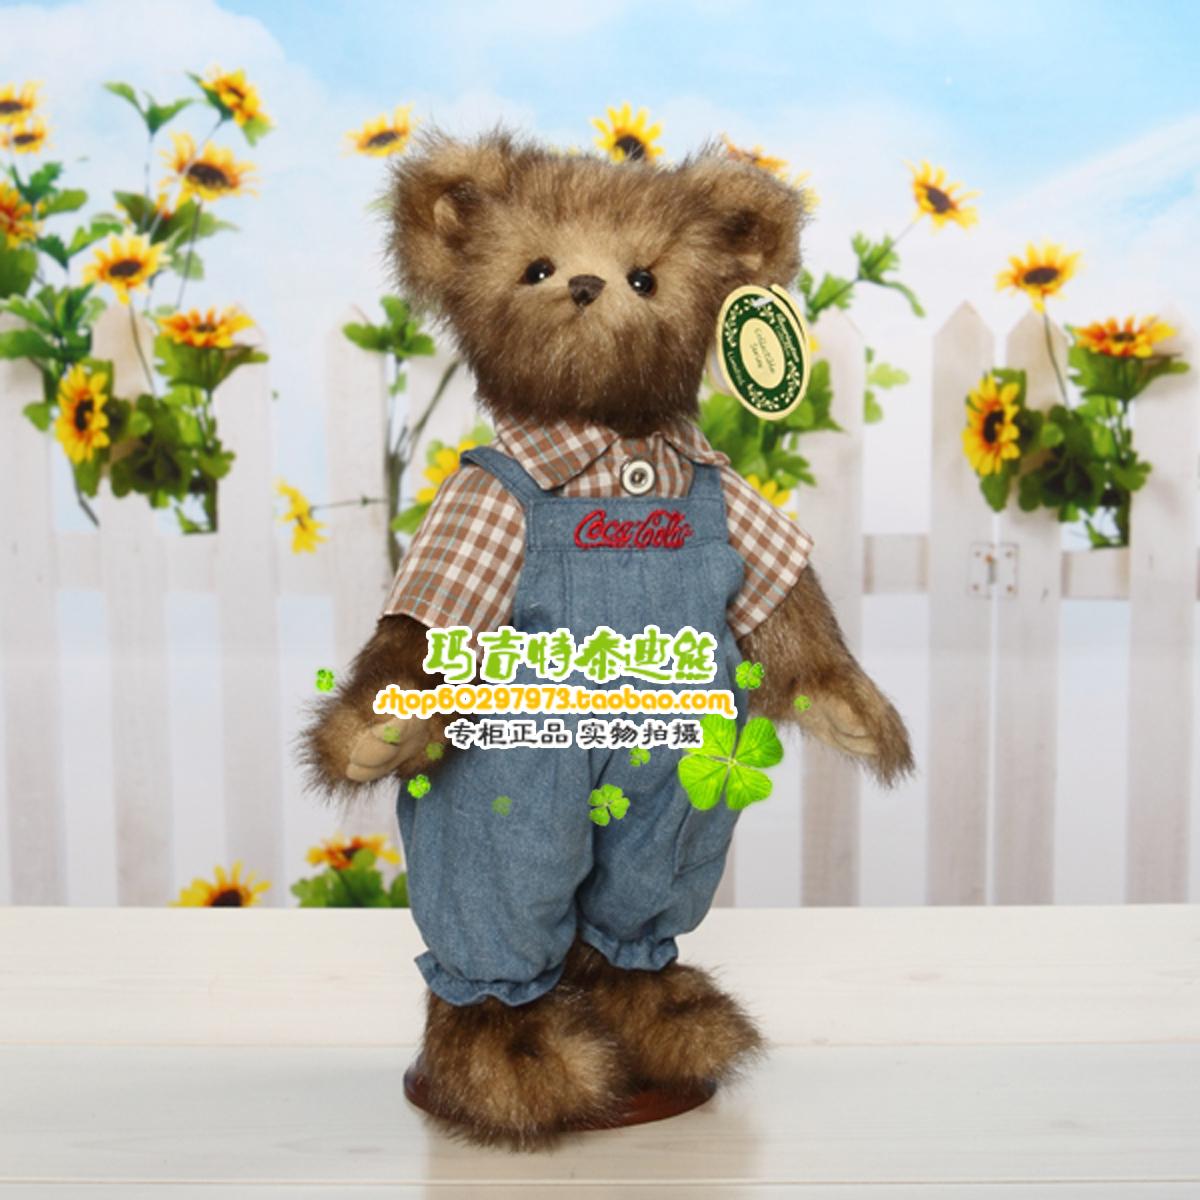 泰迪熊正品布娃娃生日新年圣诞礼品英伦乡村男孩吉祥毛绒小熊公仔